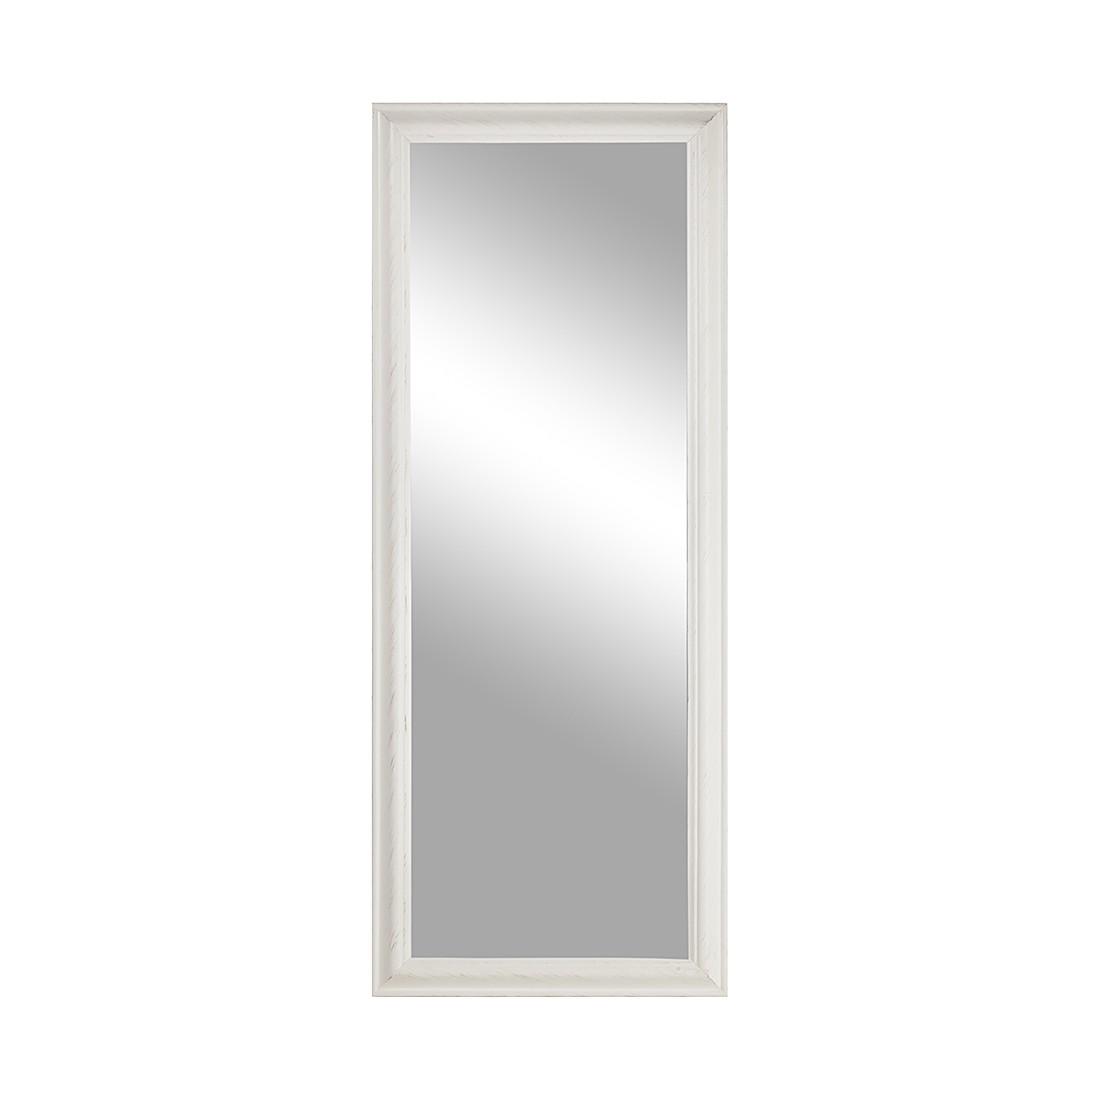 Miroir Belleville - mural Blanc Dimensions : largeur 62 cm ; hauteur 187 profondeur 7, Jack and Alic